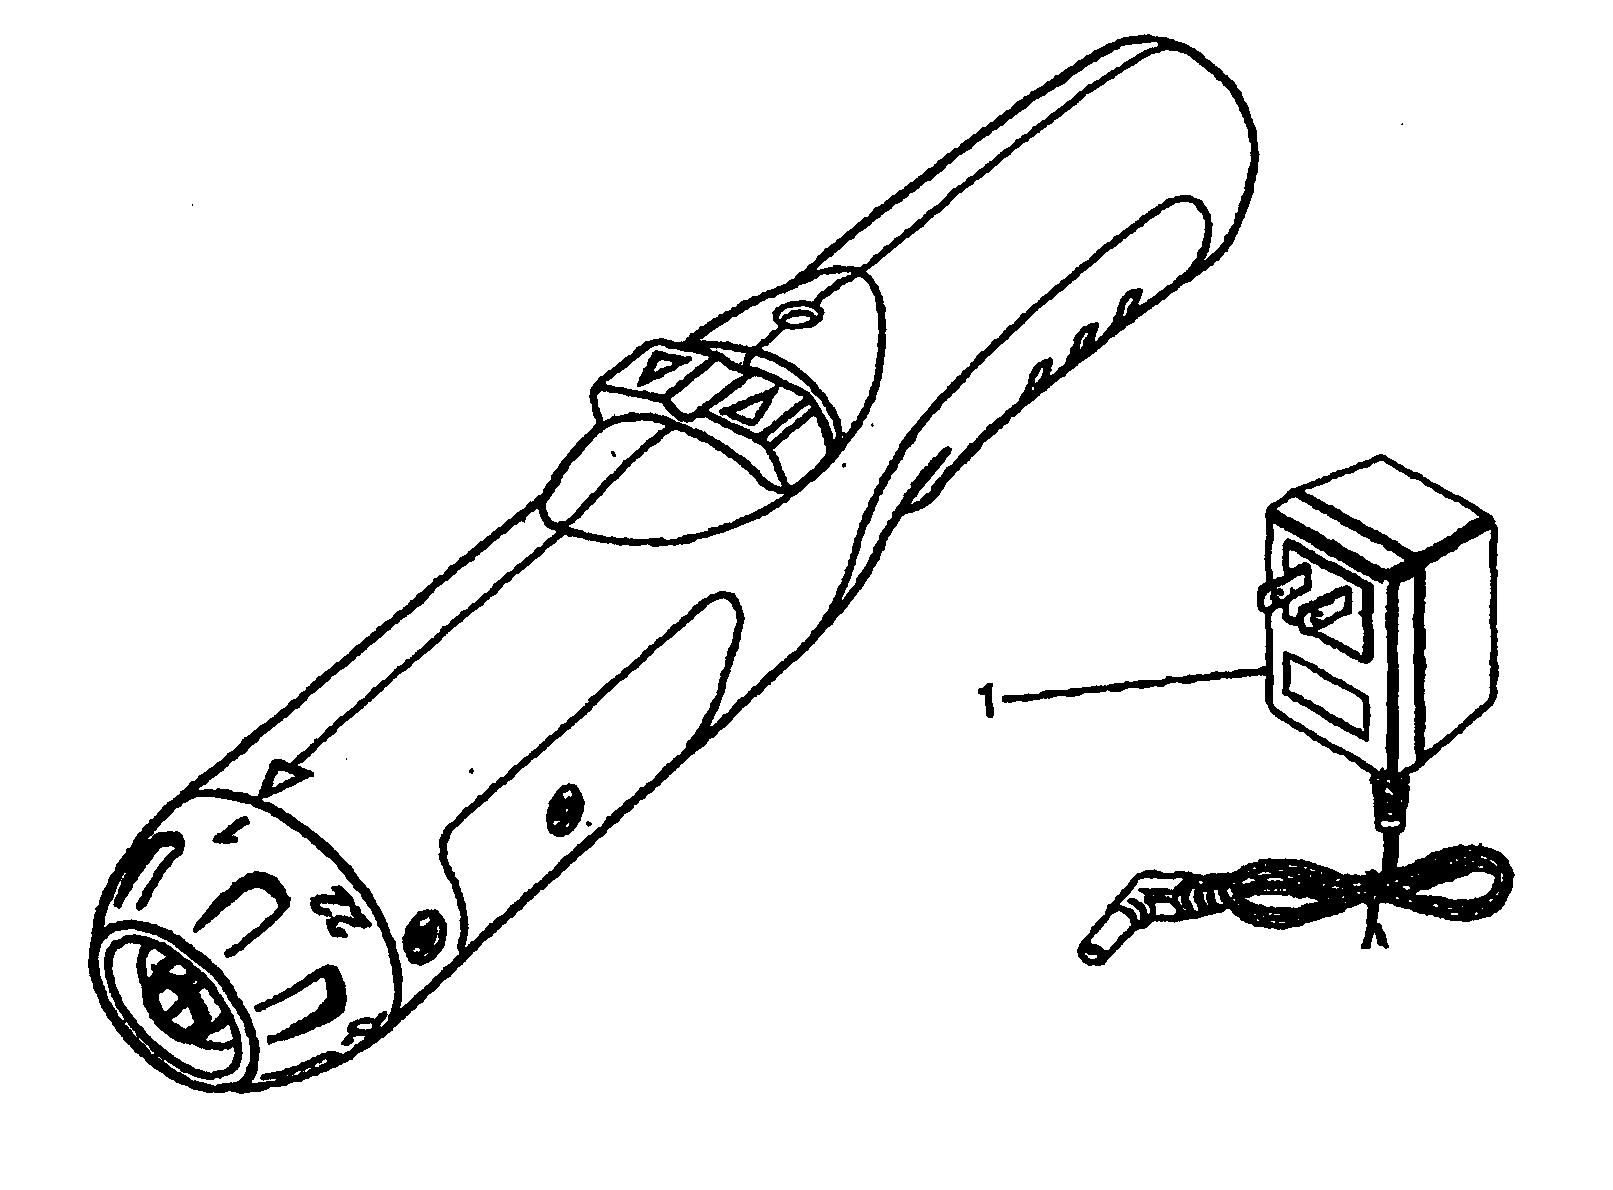 Screwdriver Drawing At Getdrawings